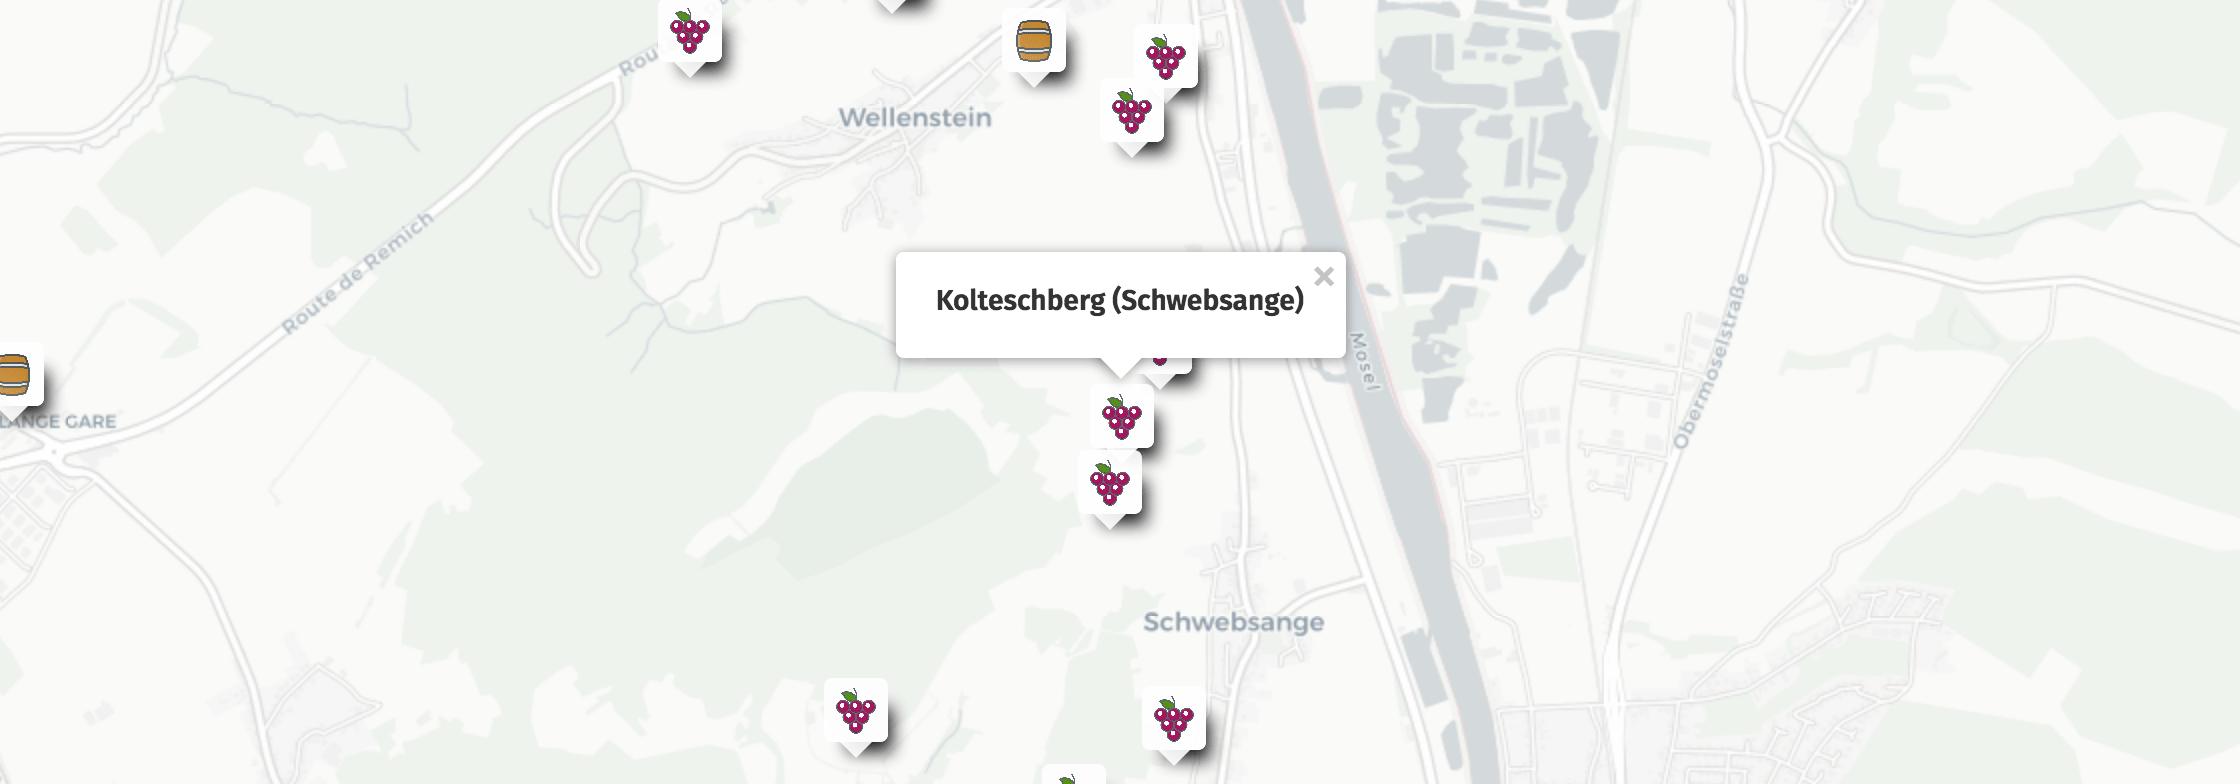 Geolocation of Kolteschberg wines in Schwebsange